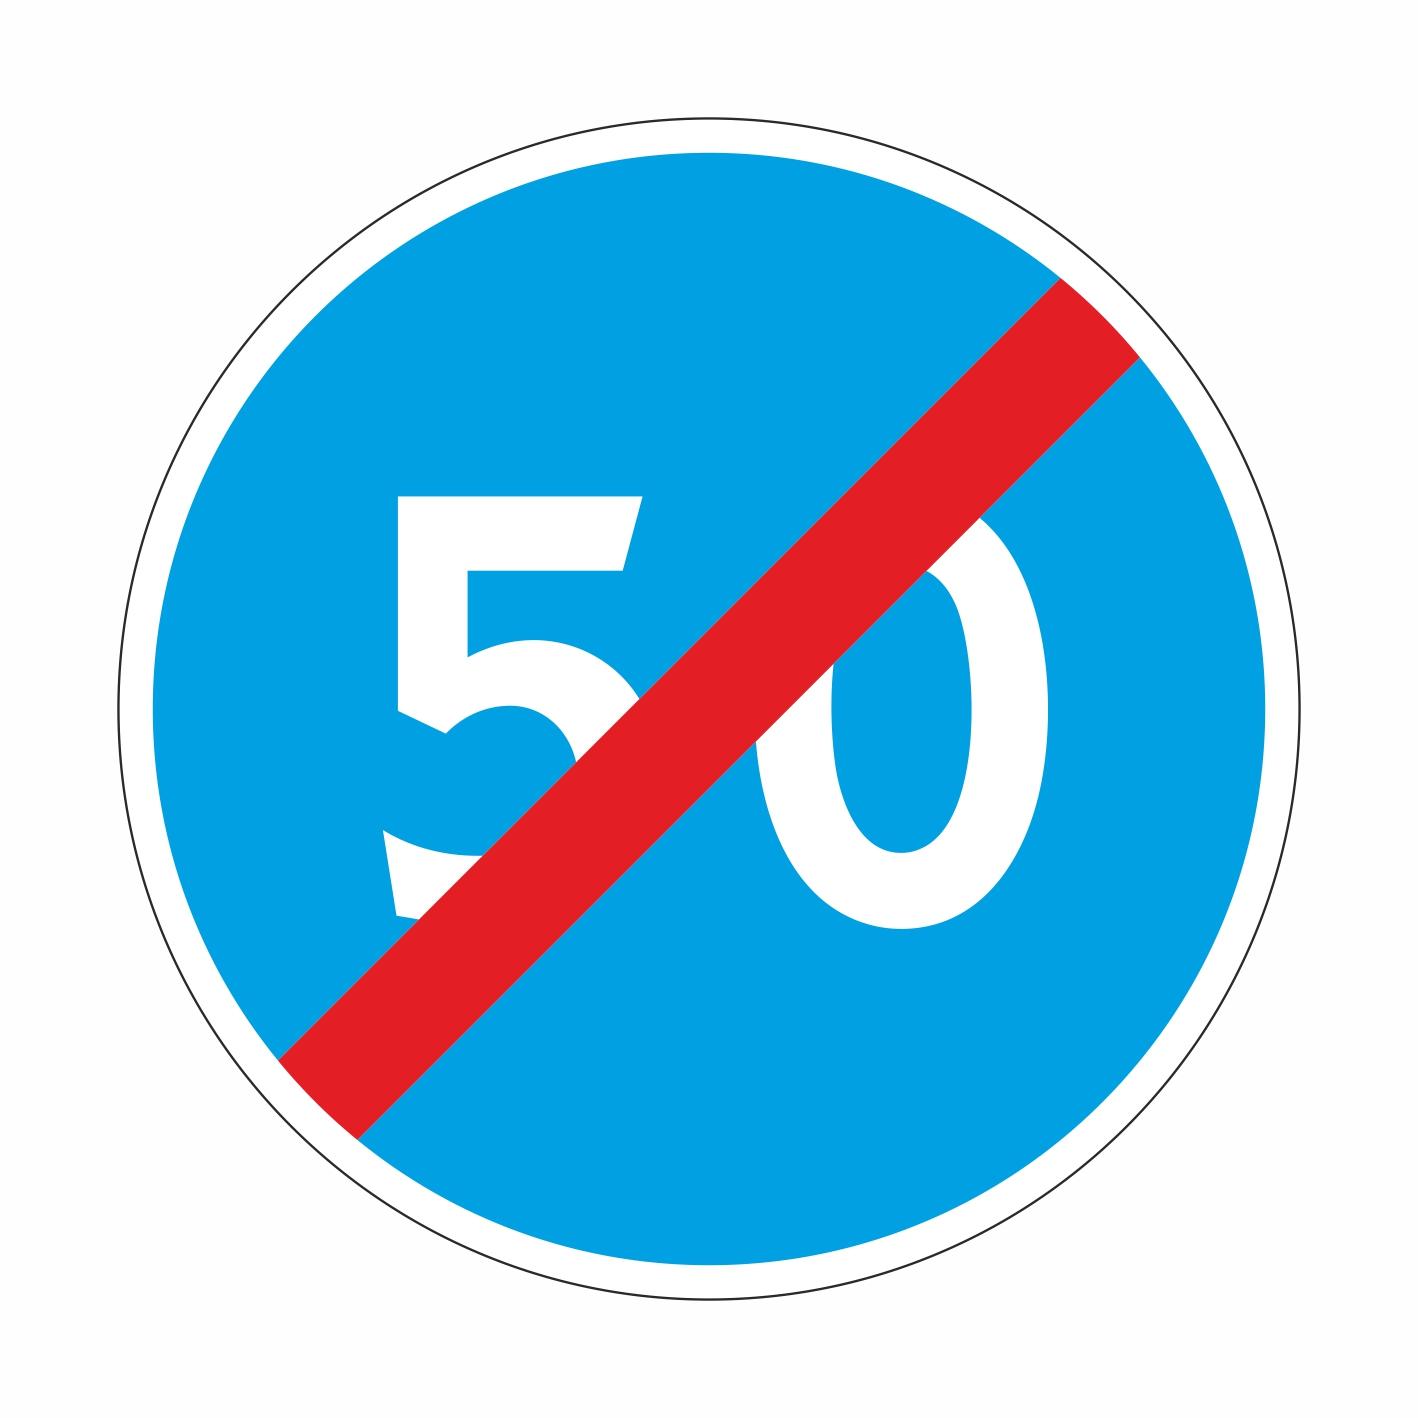 4.7 Конец ограничения минимальной скорости